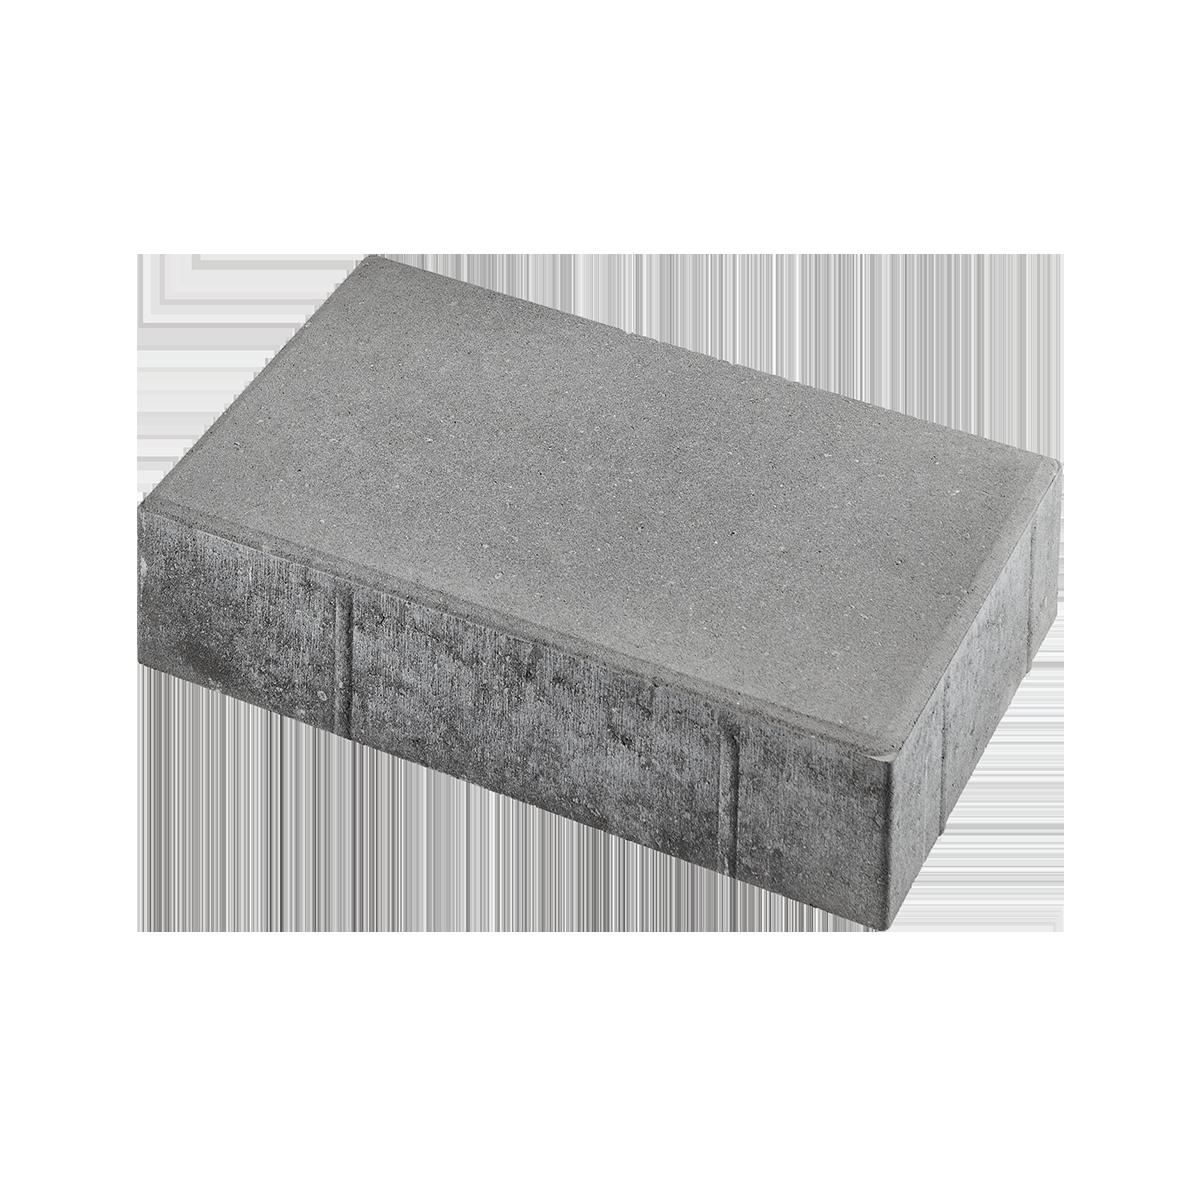 Bordurfliser 30x45x10 cm Grå